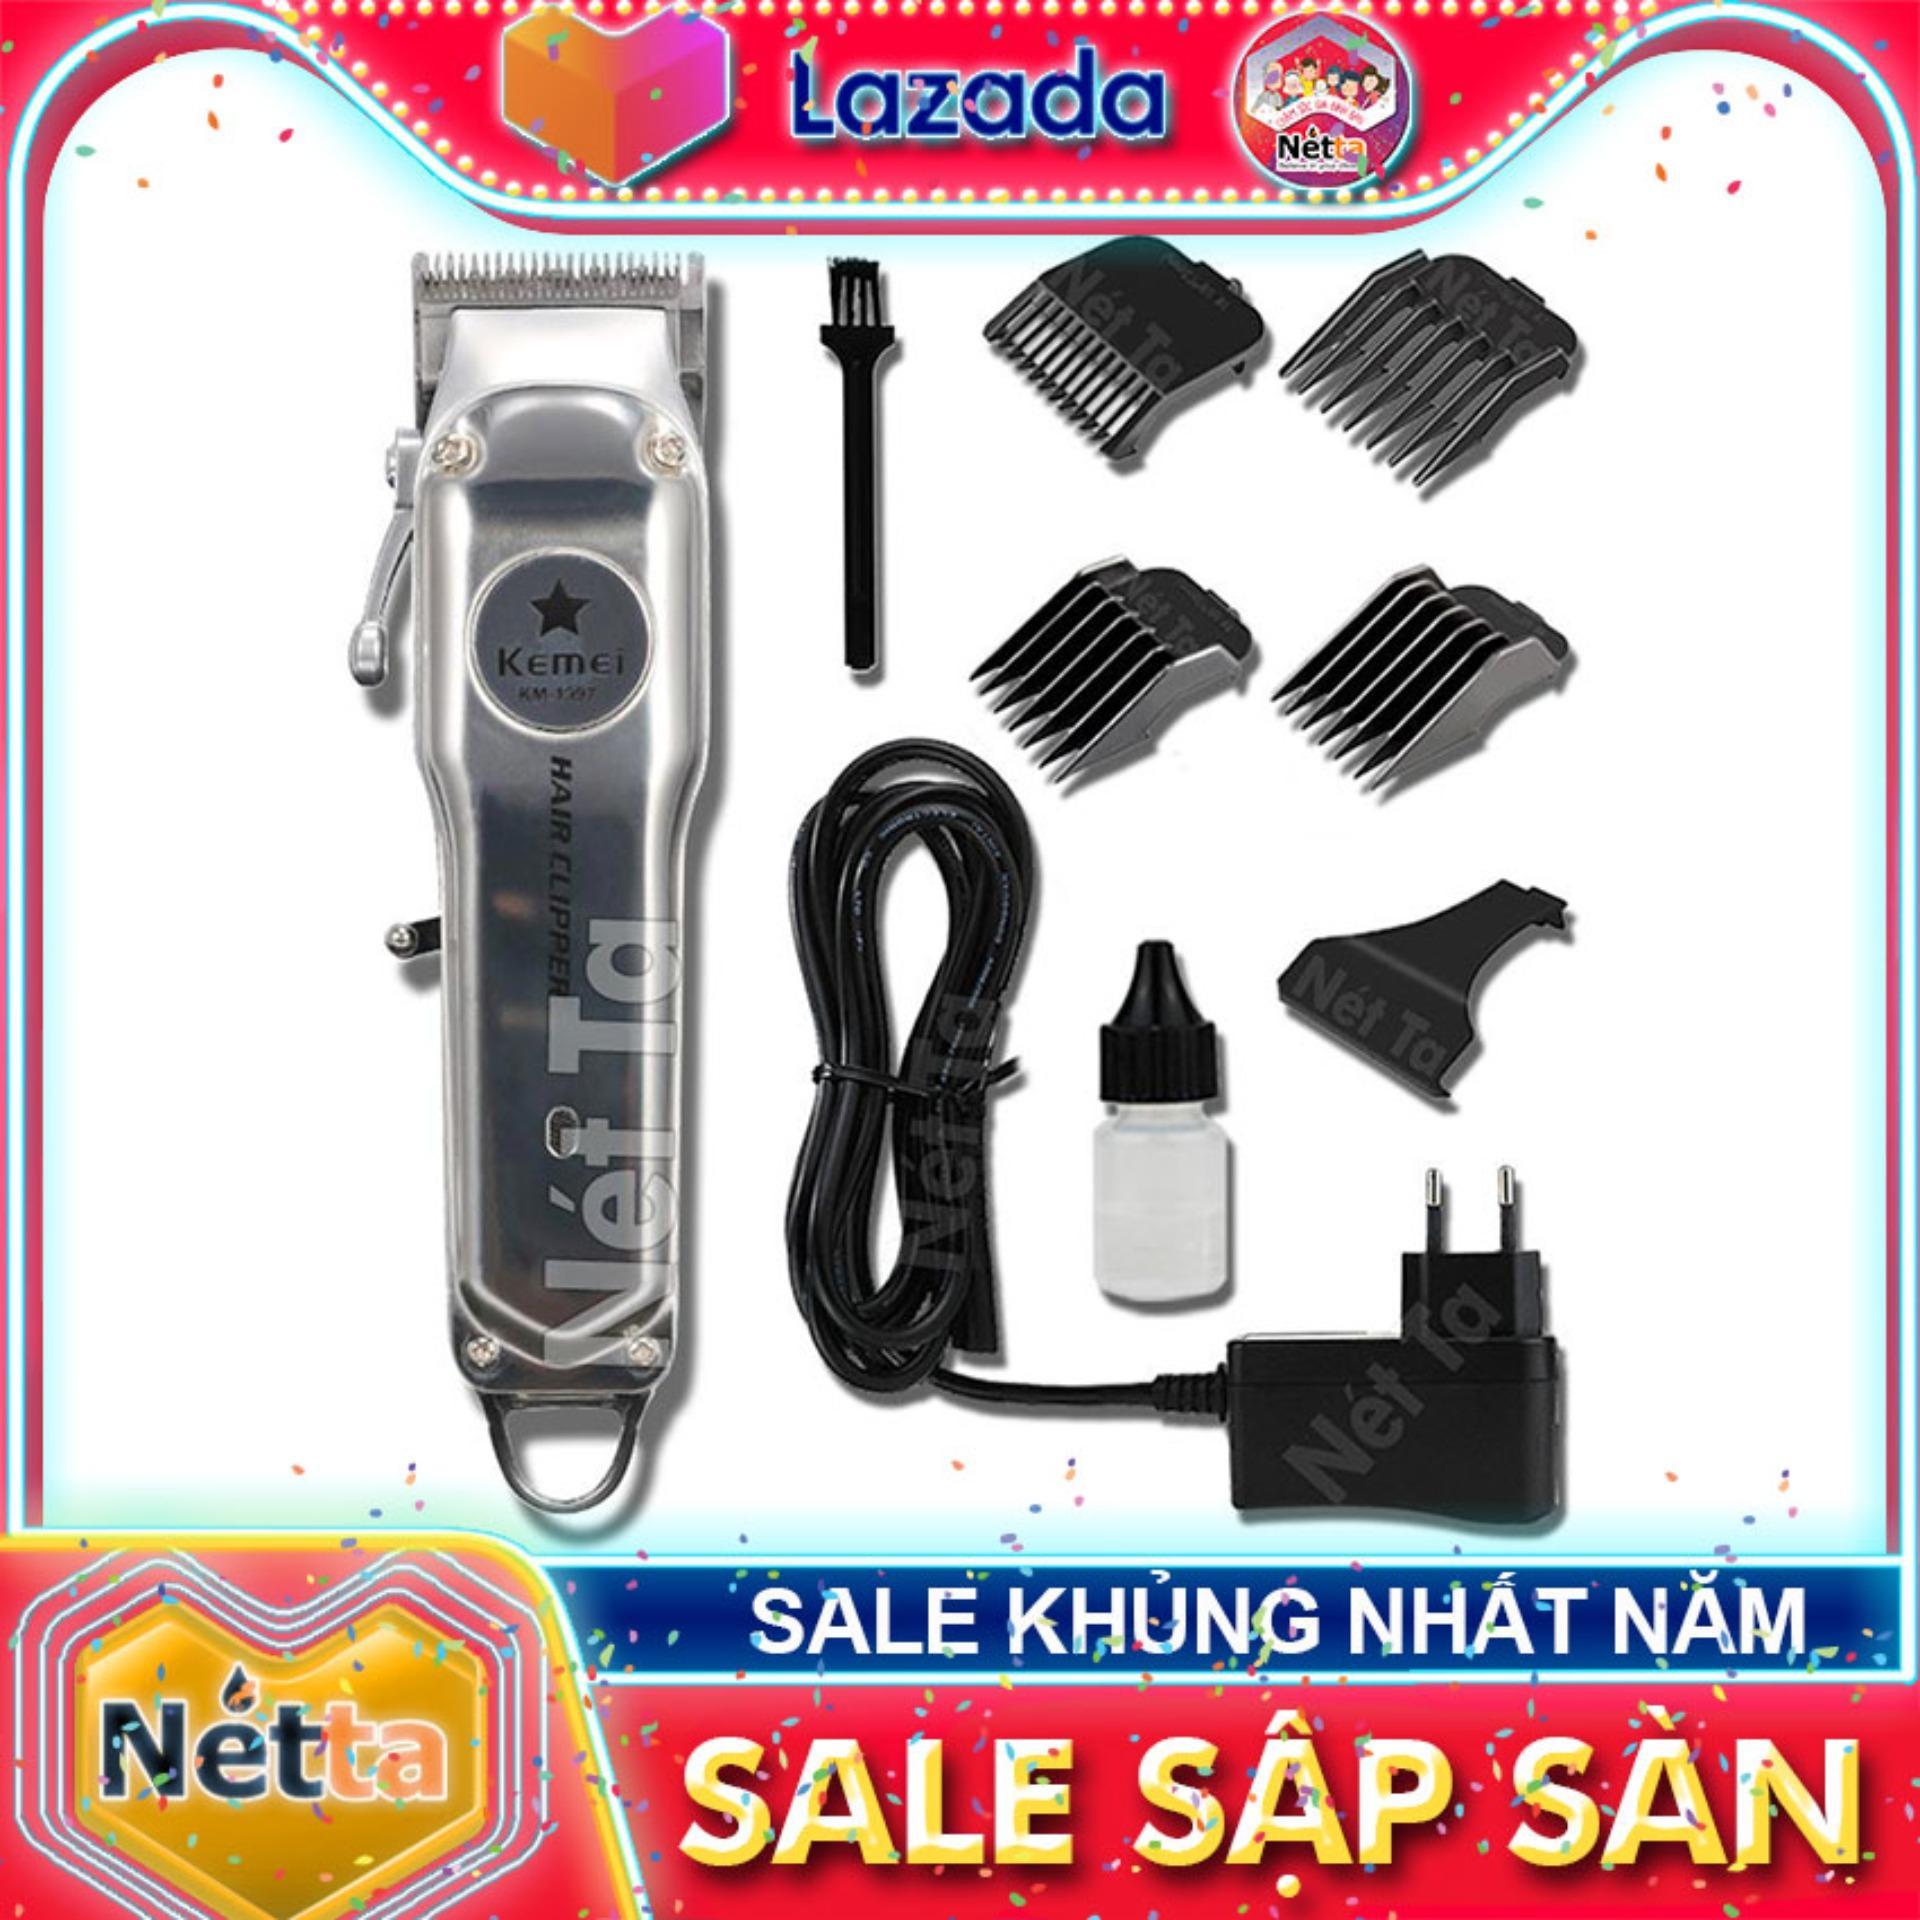 Tông đơ cắt tóc không dây chuyên nghiệp chất liệu hợp kim nhôm hàng không cao cấp Kemei KM-1997 có thể cắm điện sử dụng trực tiếp pin lithium 2000mAh chất lượng bảo hành Nét Ta tong do cat toc khong day 1997 cao cấp